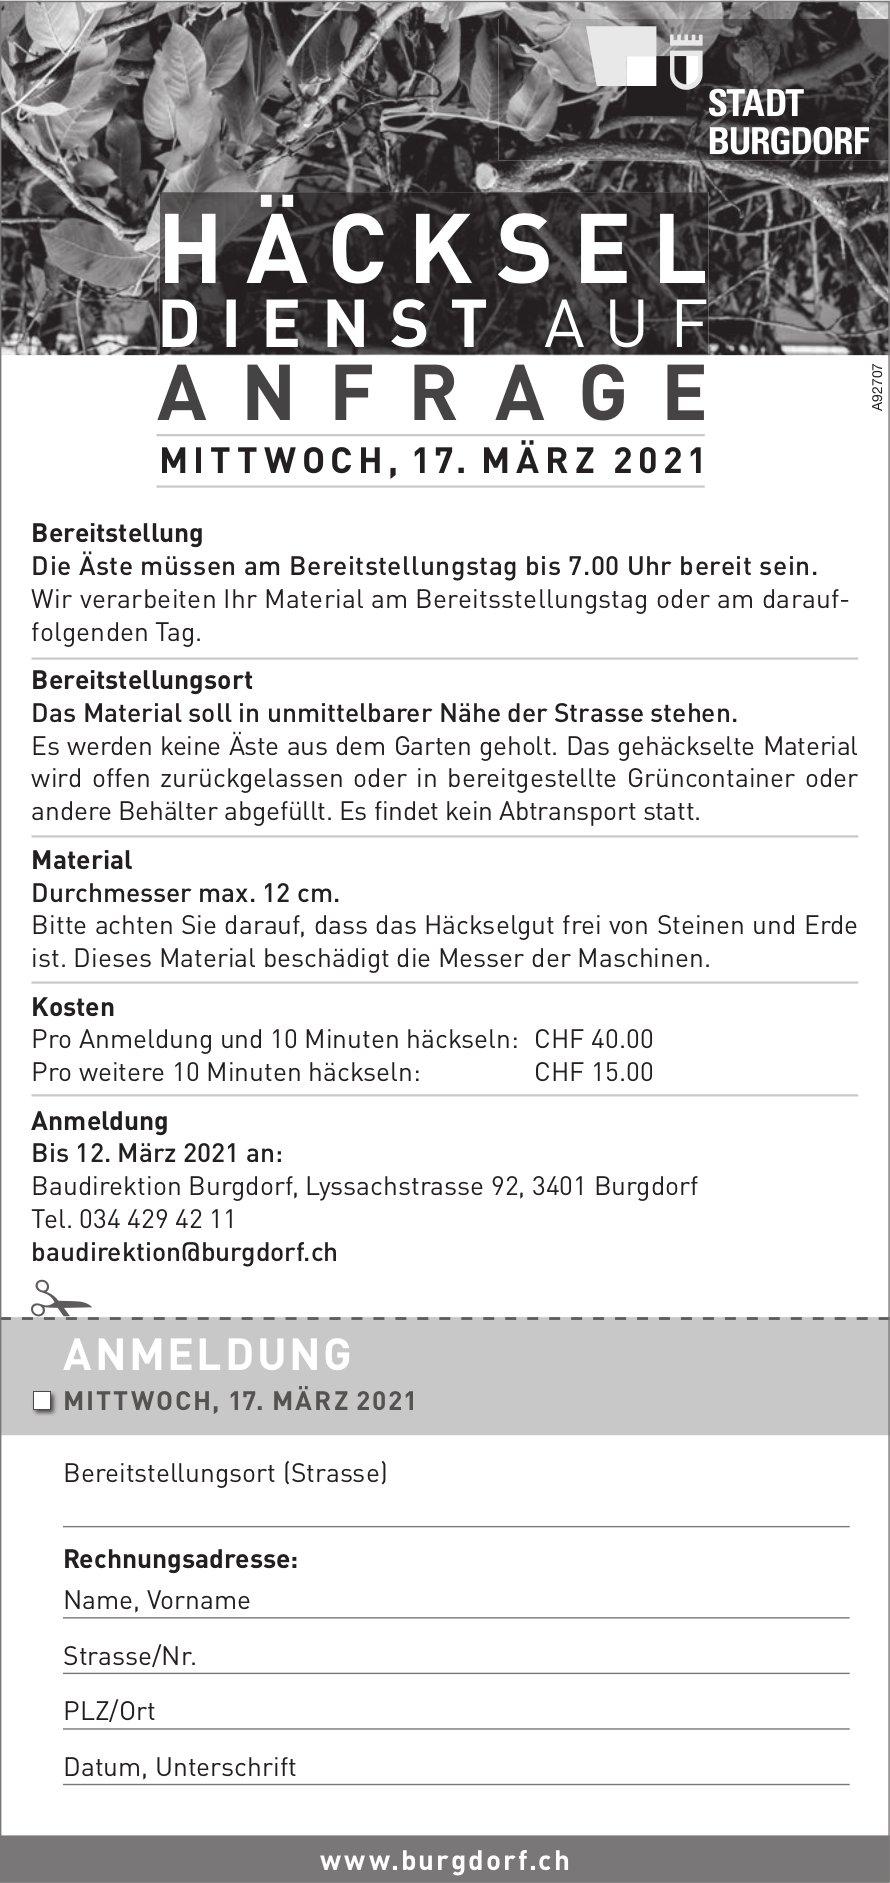 Stadt, Burgdorf - Häckseldienst auf Anfrage, 17. März